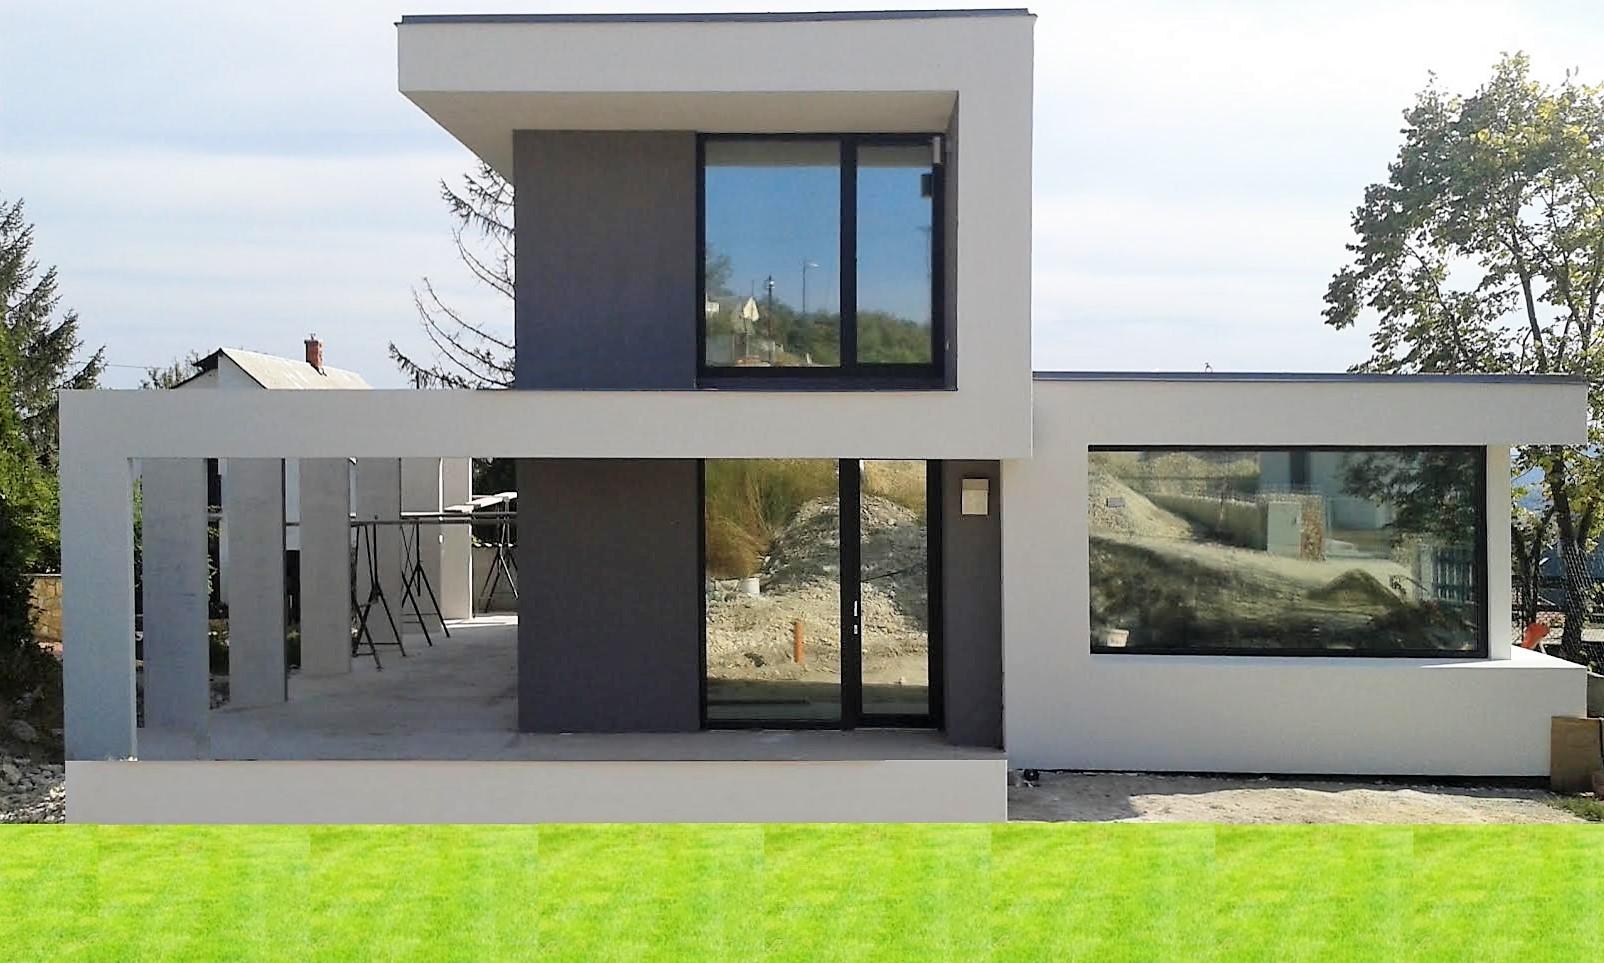 Családi ház kivitelezők épitőipari vállalkozók Balatonfüred Új családi ház épitése generélkivitelezése Balatonfüred